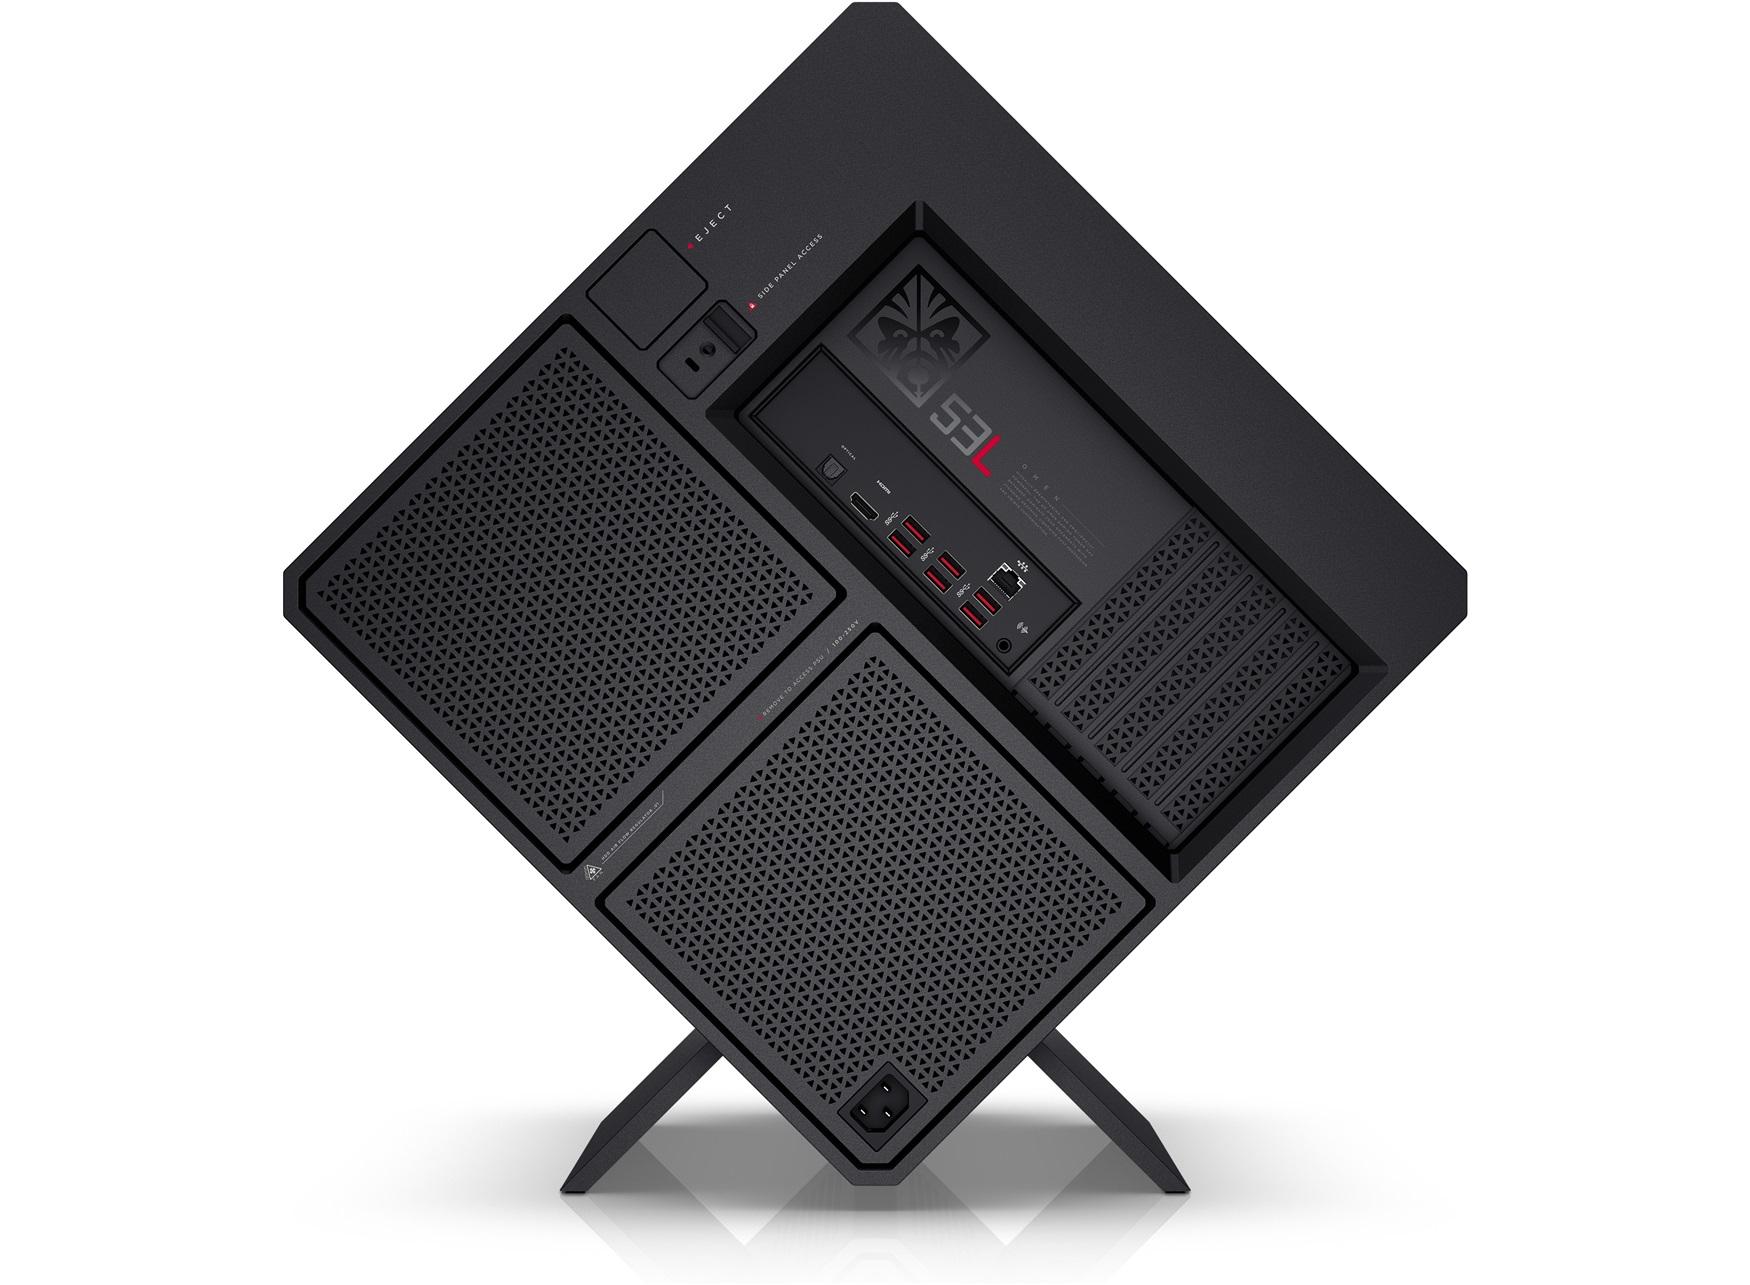 HP OMEN 900-072ur 4GHz i7-6700K Scrivania Nero, Rosso PC